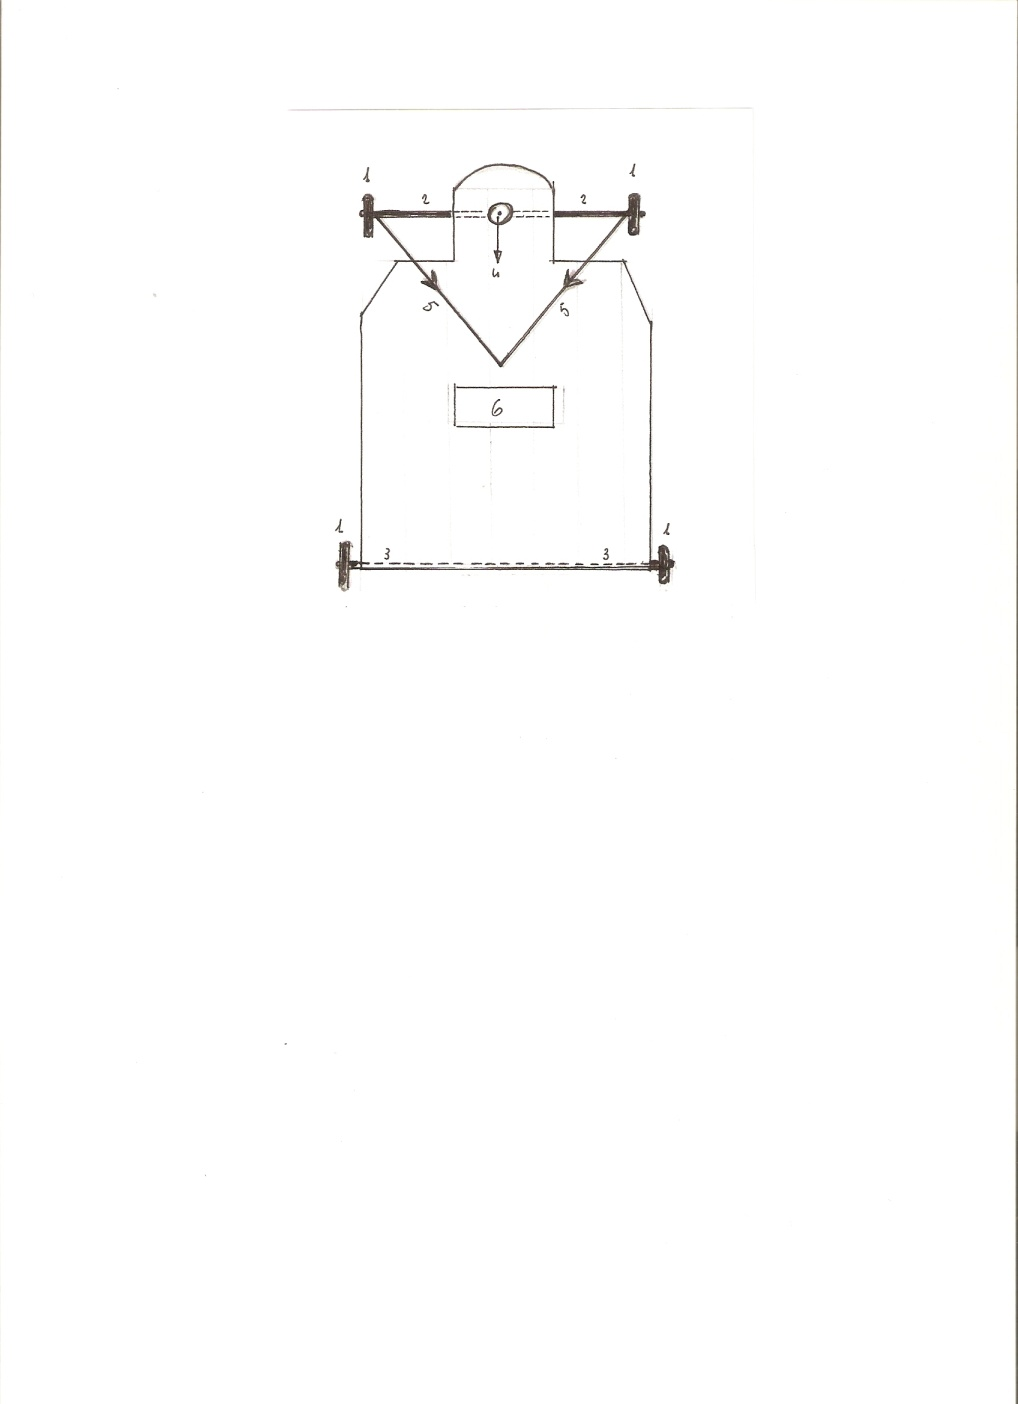 Carroccio (1 cuscinetti; 2 assale anteriore mobile; 3 assale posteriore fisso; 4 foro per alloggio perno; 5 tiranti per manovra; 6 sedile)